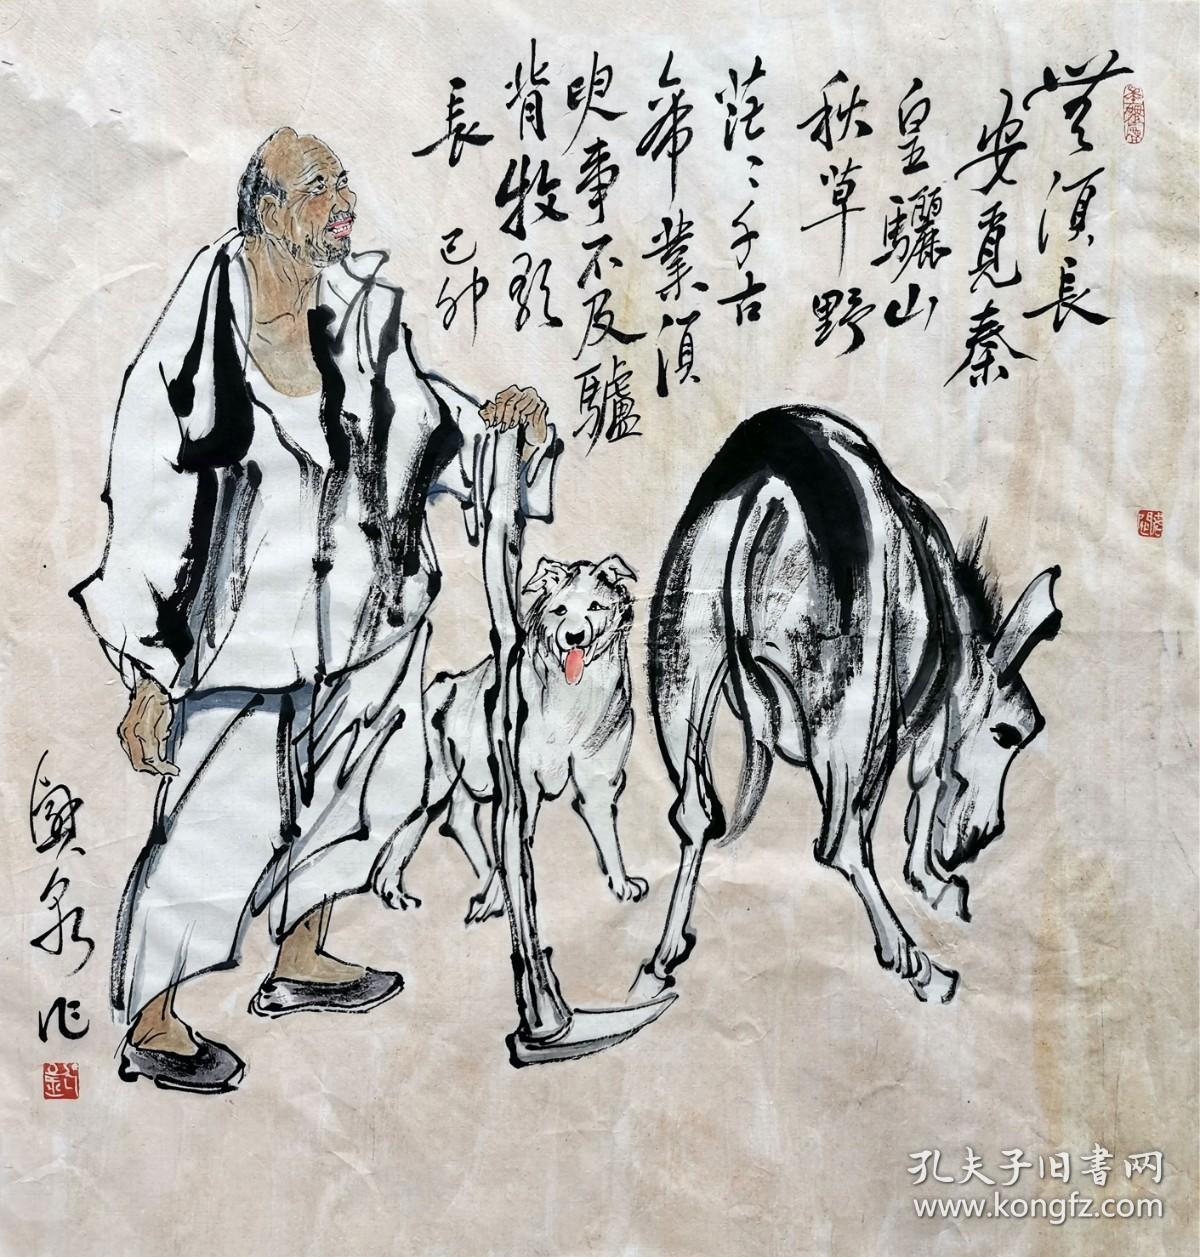 刘兴泉 人物斗方(无须长安觅秦皇) 手绘国画作品